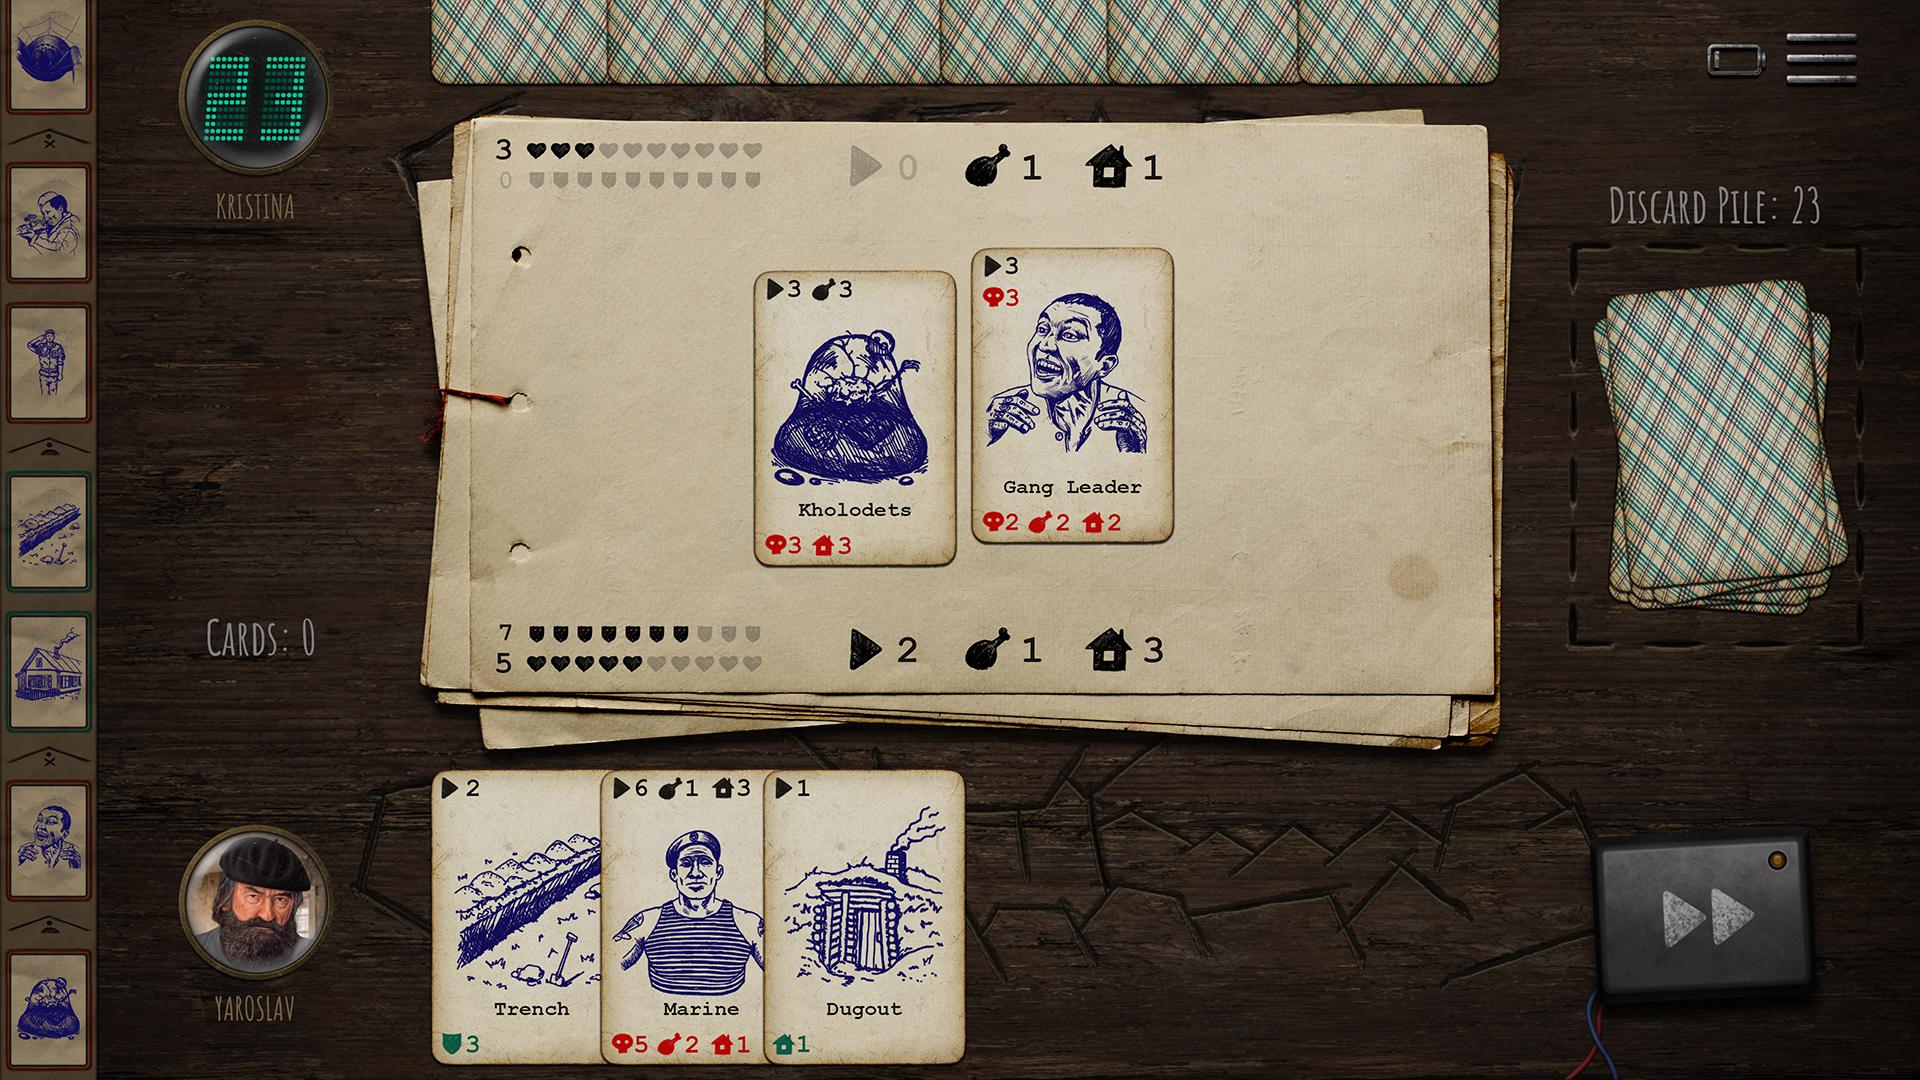 5865430308304c6c437143d4131ef5d245c31d5c | RPG Jeuxvidéo